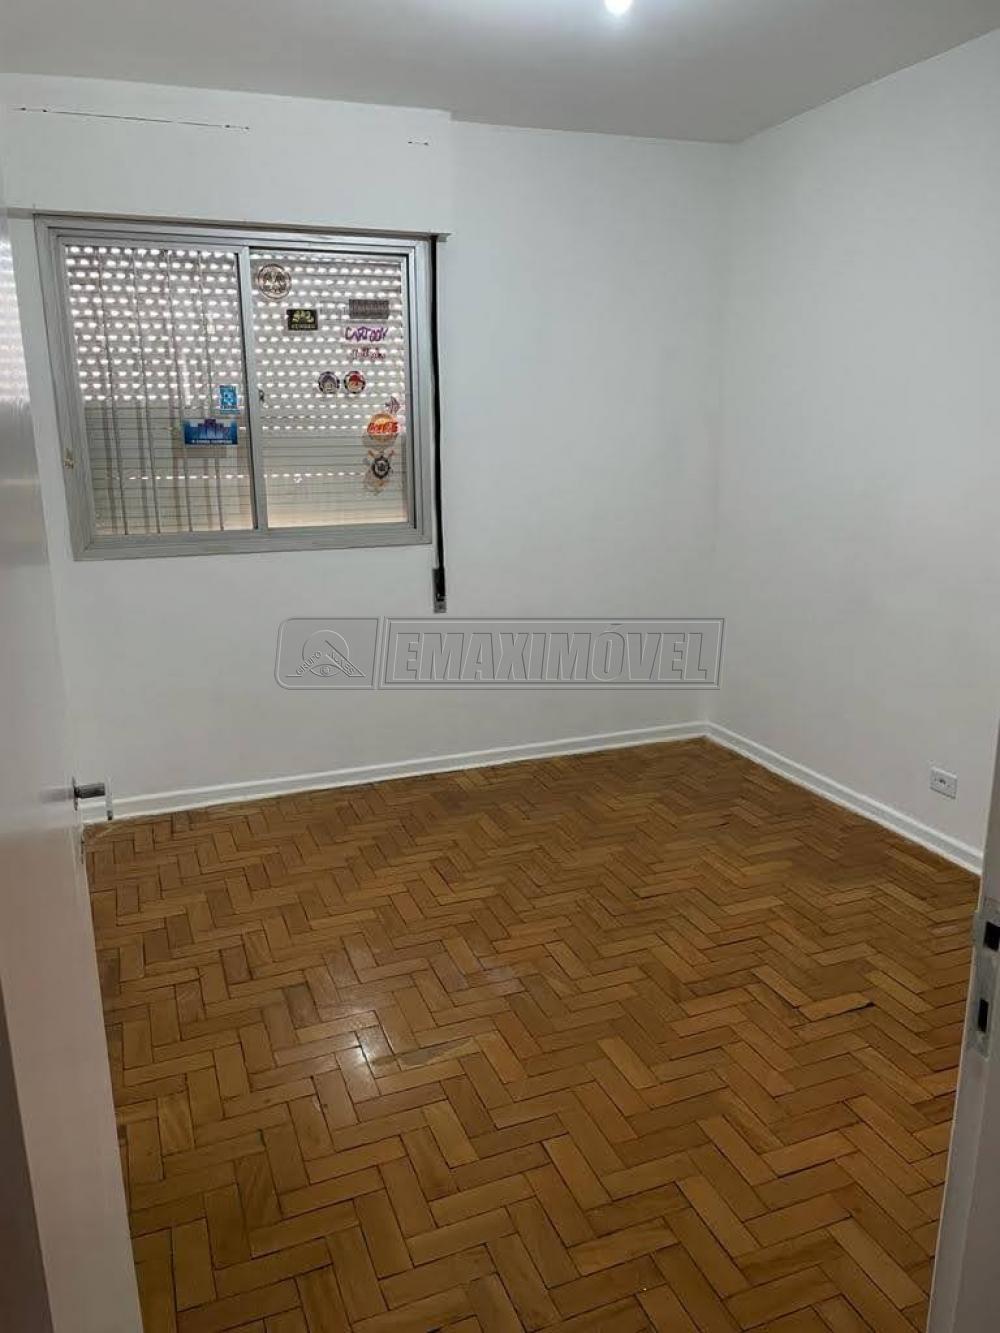 Comprar Apartamento / Padrão em Sorocaba R$ 400.000,00 - Foto 7